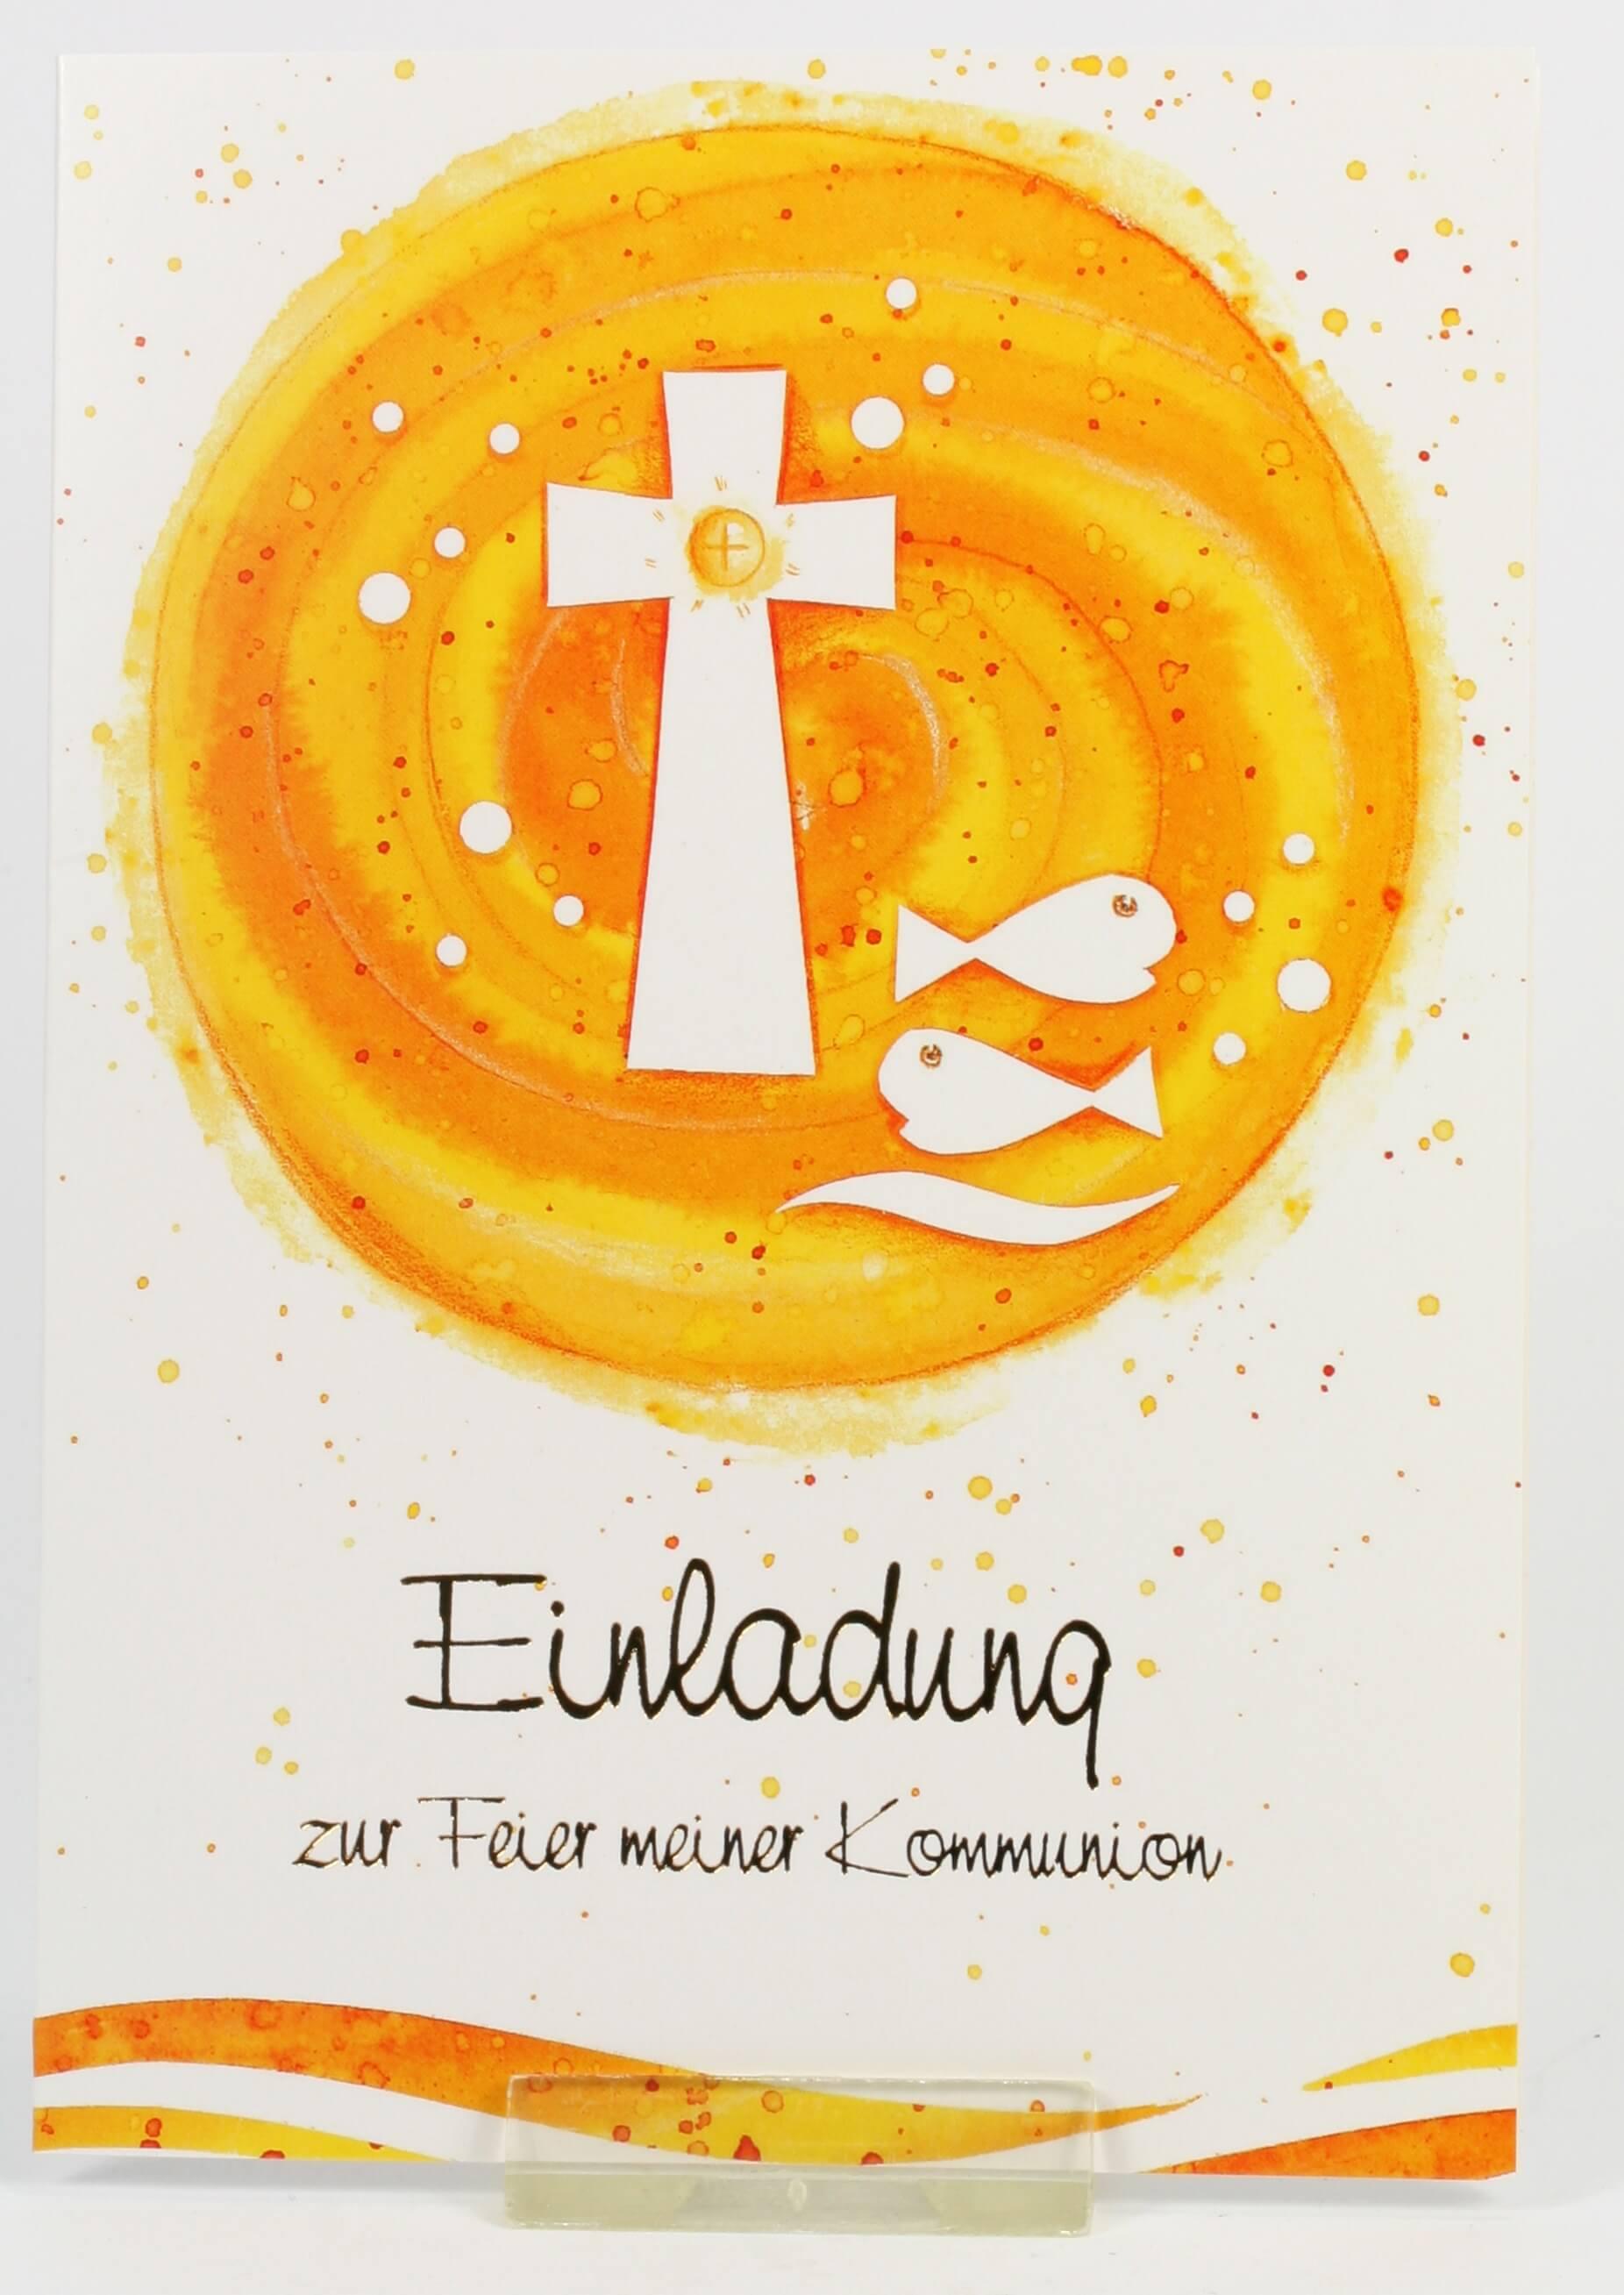 Einladungskarten Kommunion in großer Auswahl - Jetzt online bestellen